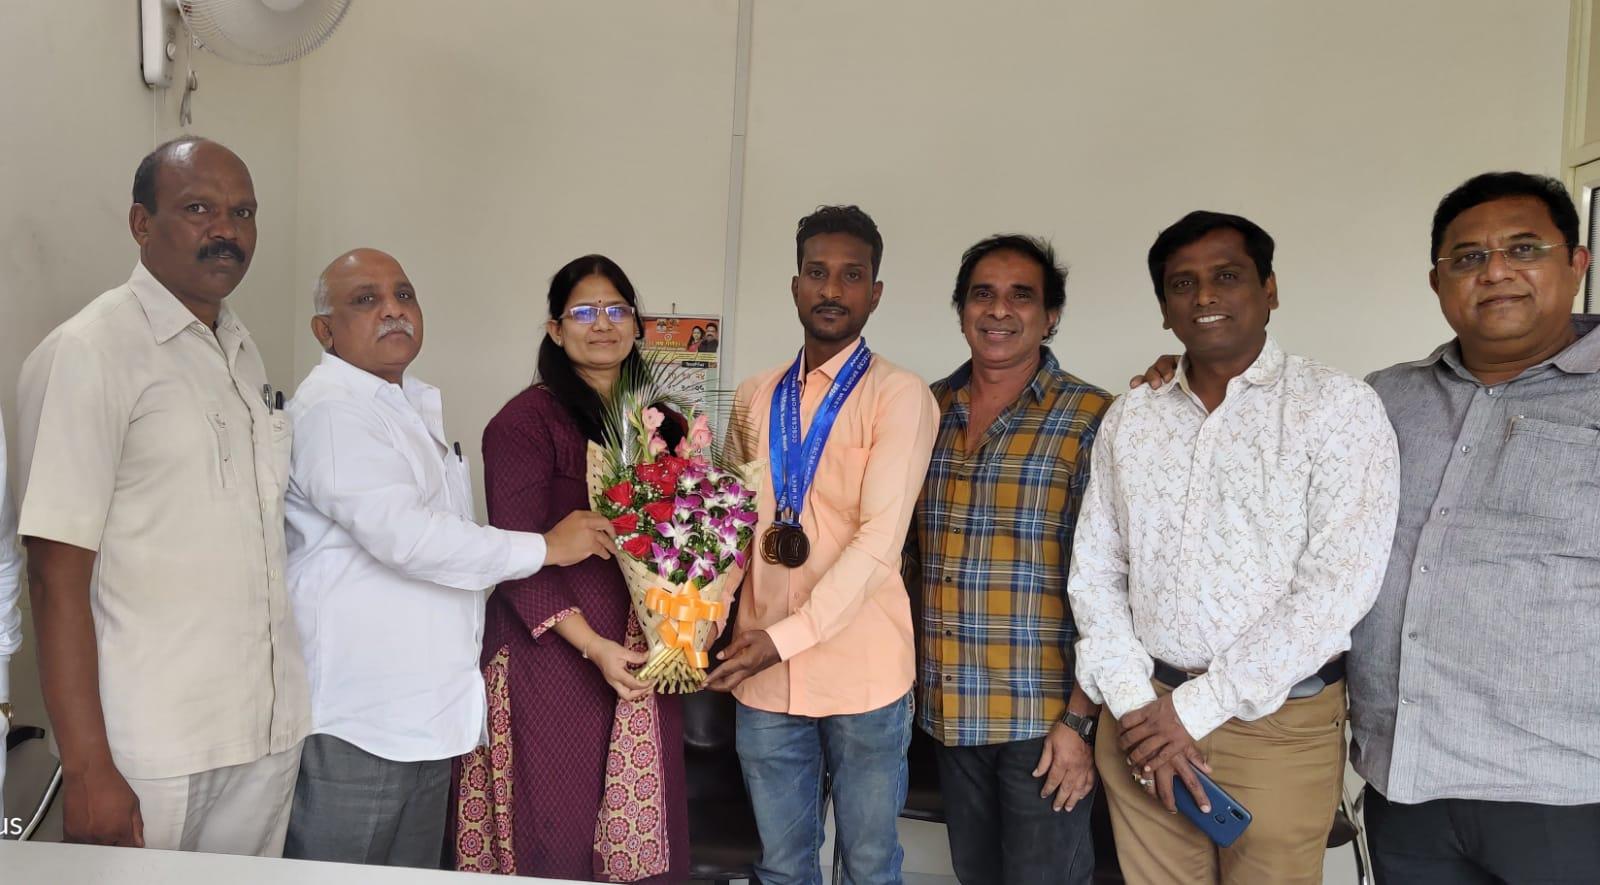 ऑल इंडिया सिव्हिल सर्व्हिसेस ॲथलेटिक्स चॅम्पियनशिप २०२१ स्पर्धेत गणेश पांडियनचे घवघवीत यश